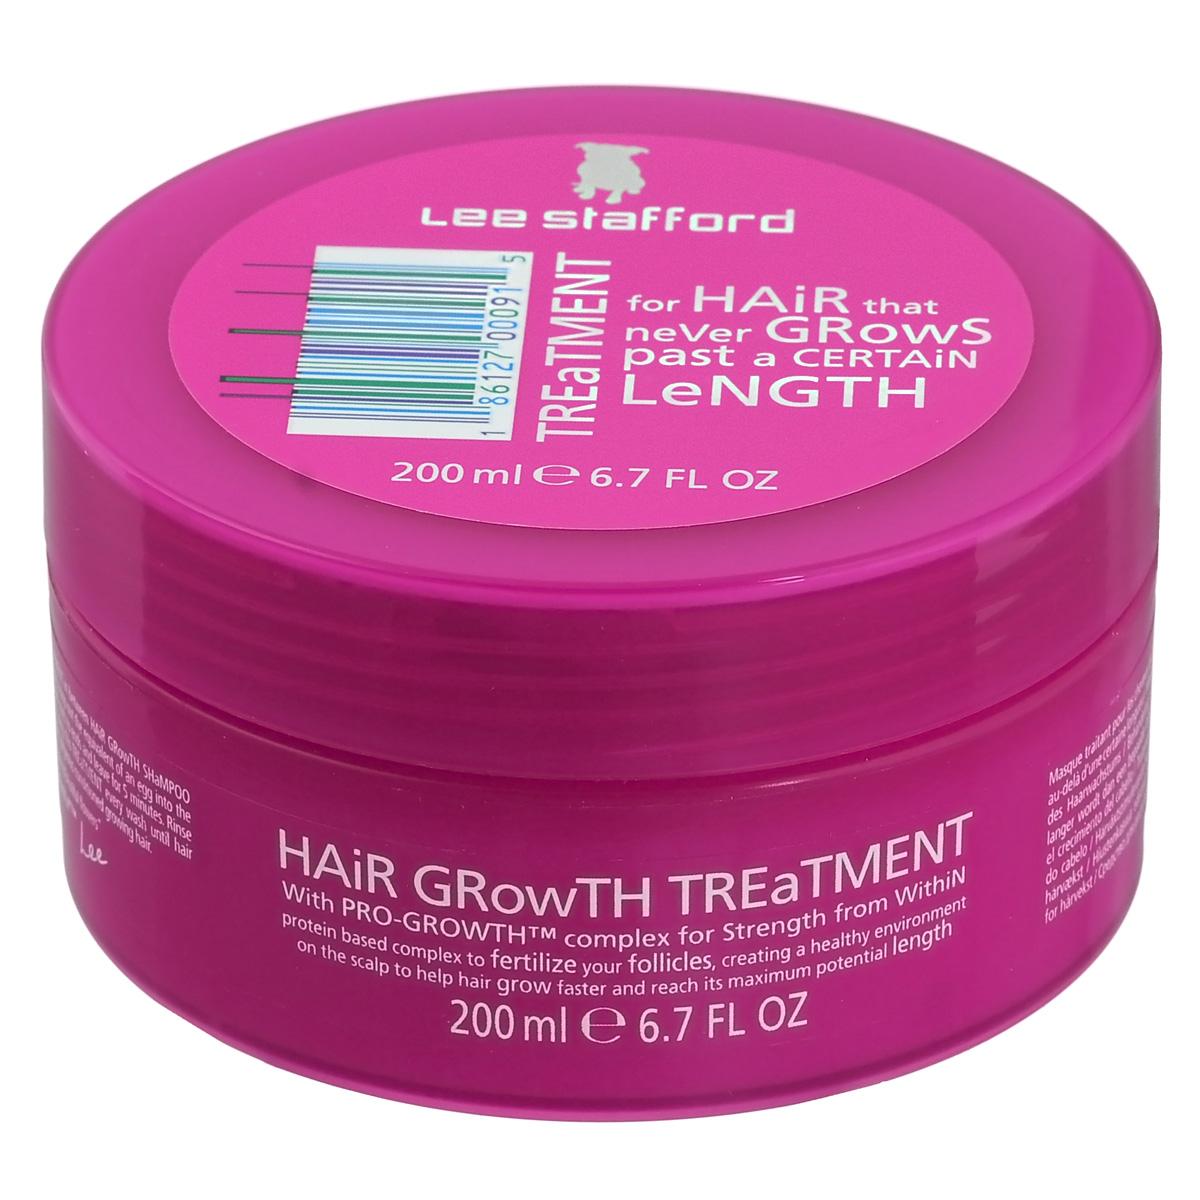 Lee Stafford Маска для роста волос Hair Growth, 200 мл647223200217 Lee Stafford Маска для роста волос Hair Growth Treatment, 200 мл. Бережно ухаживает за волосами. Помогает сделать расчесывание волос более легким, придает волосам природный блеск и ухоженный вид